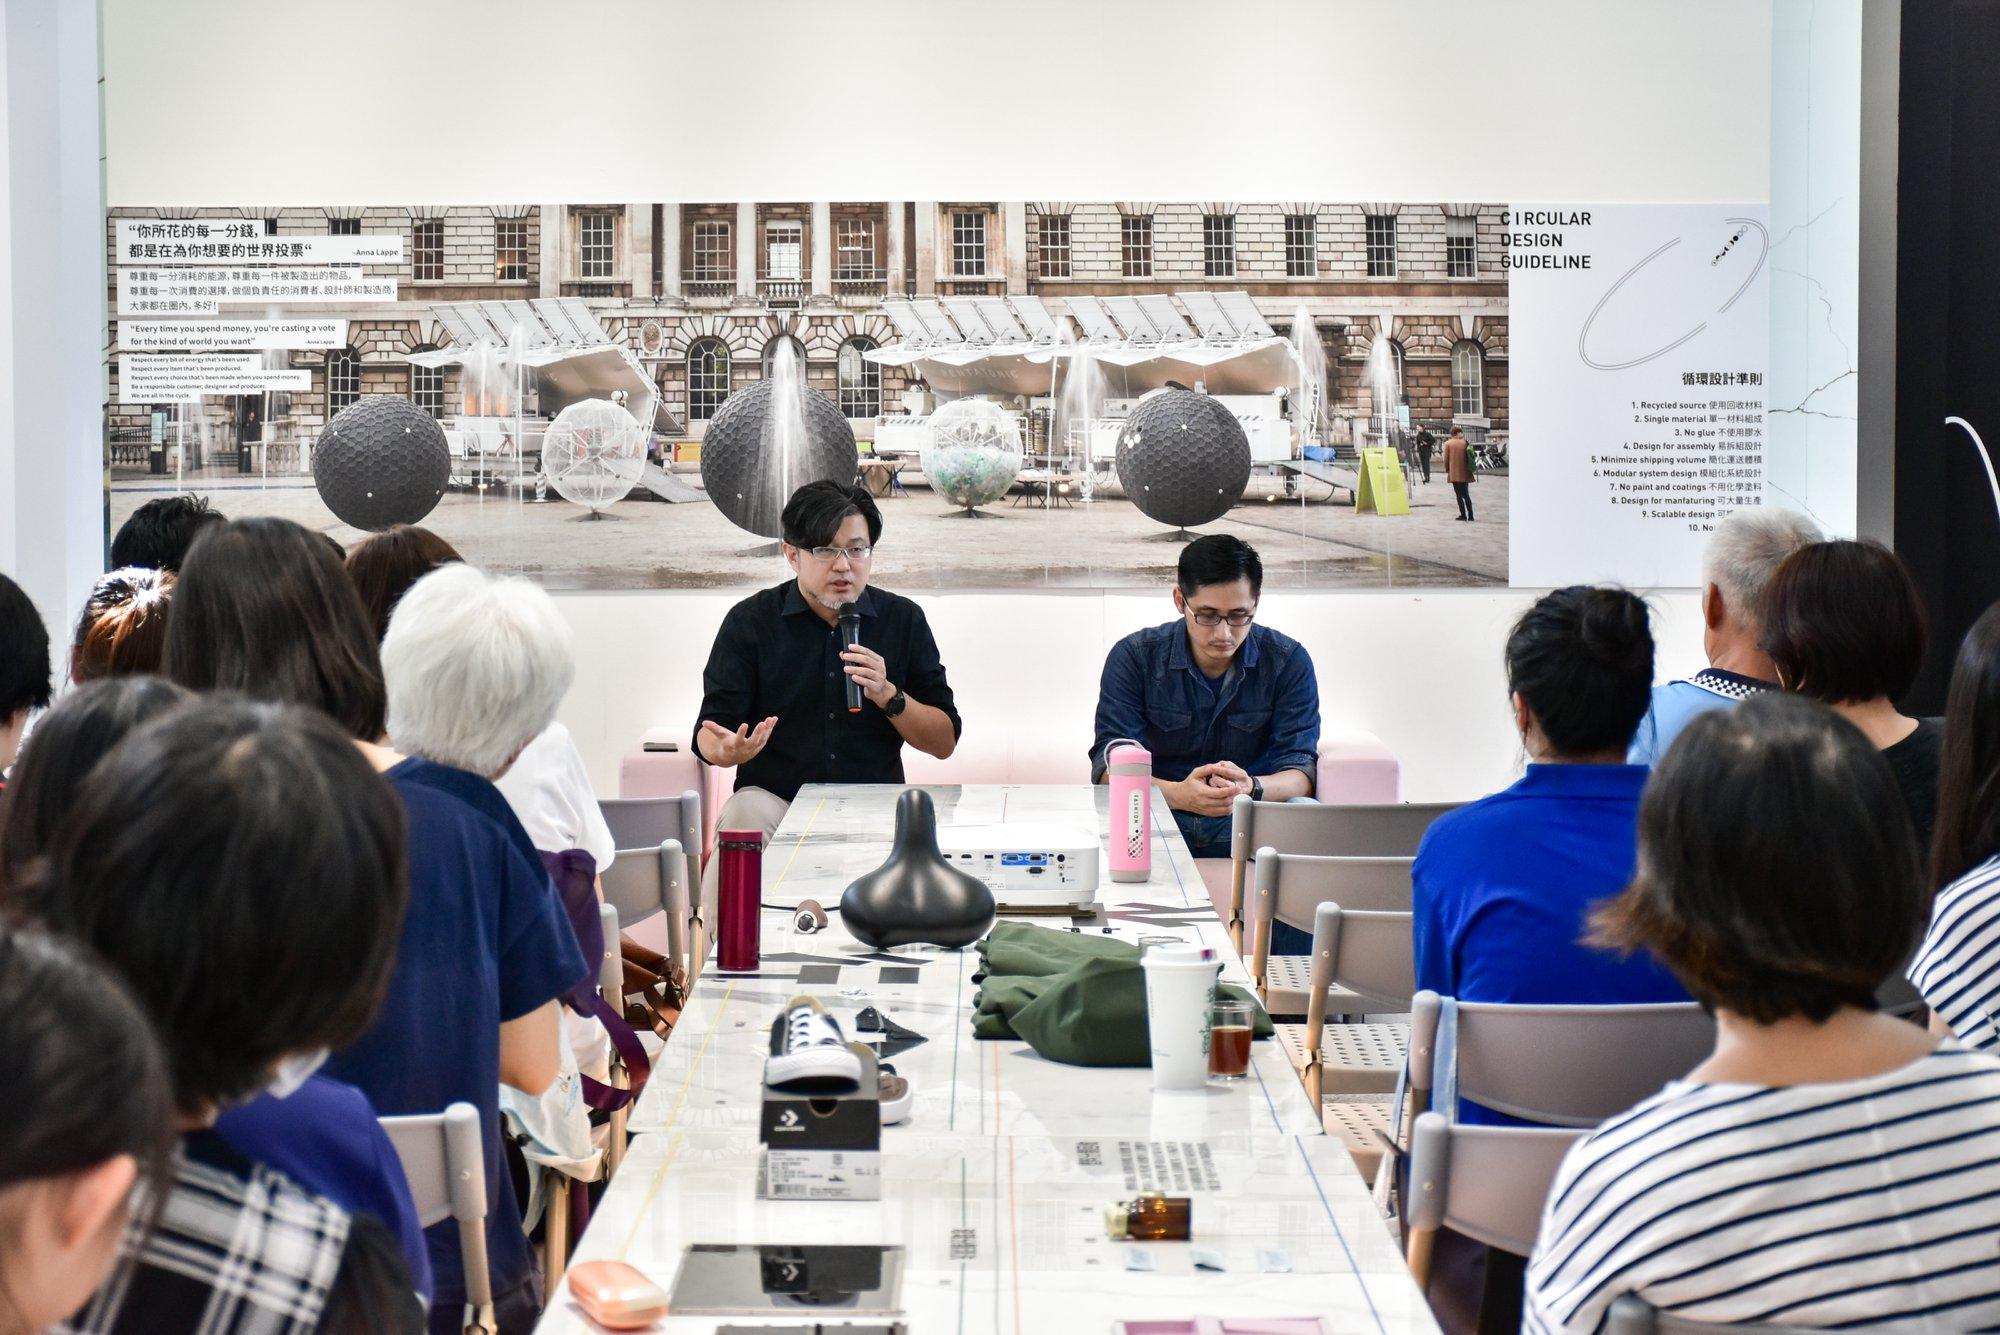 「循環設計與材質創新講座」 展覽活動側拍